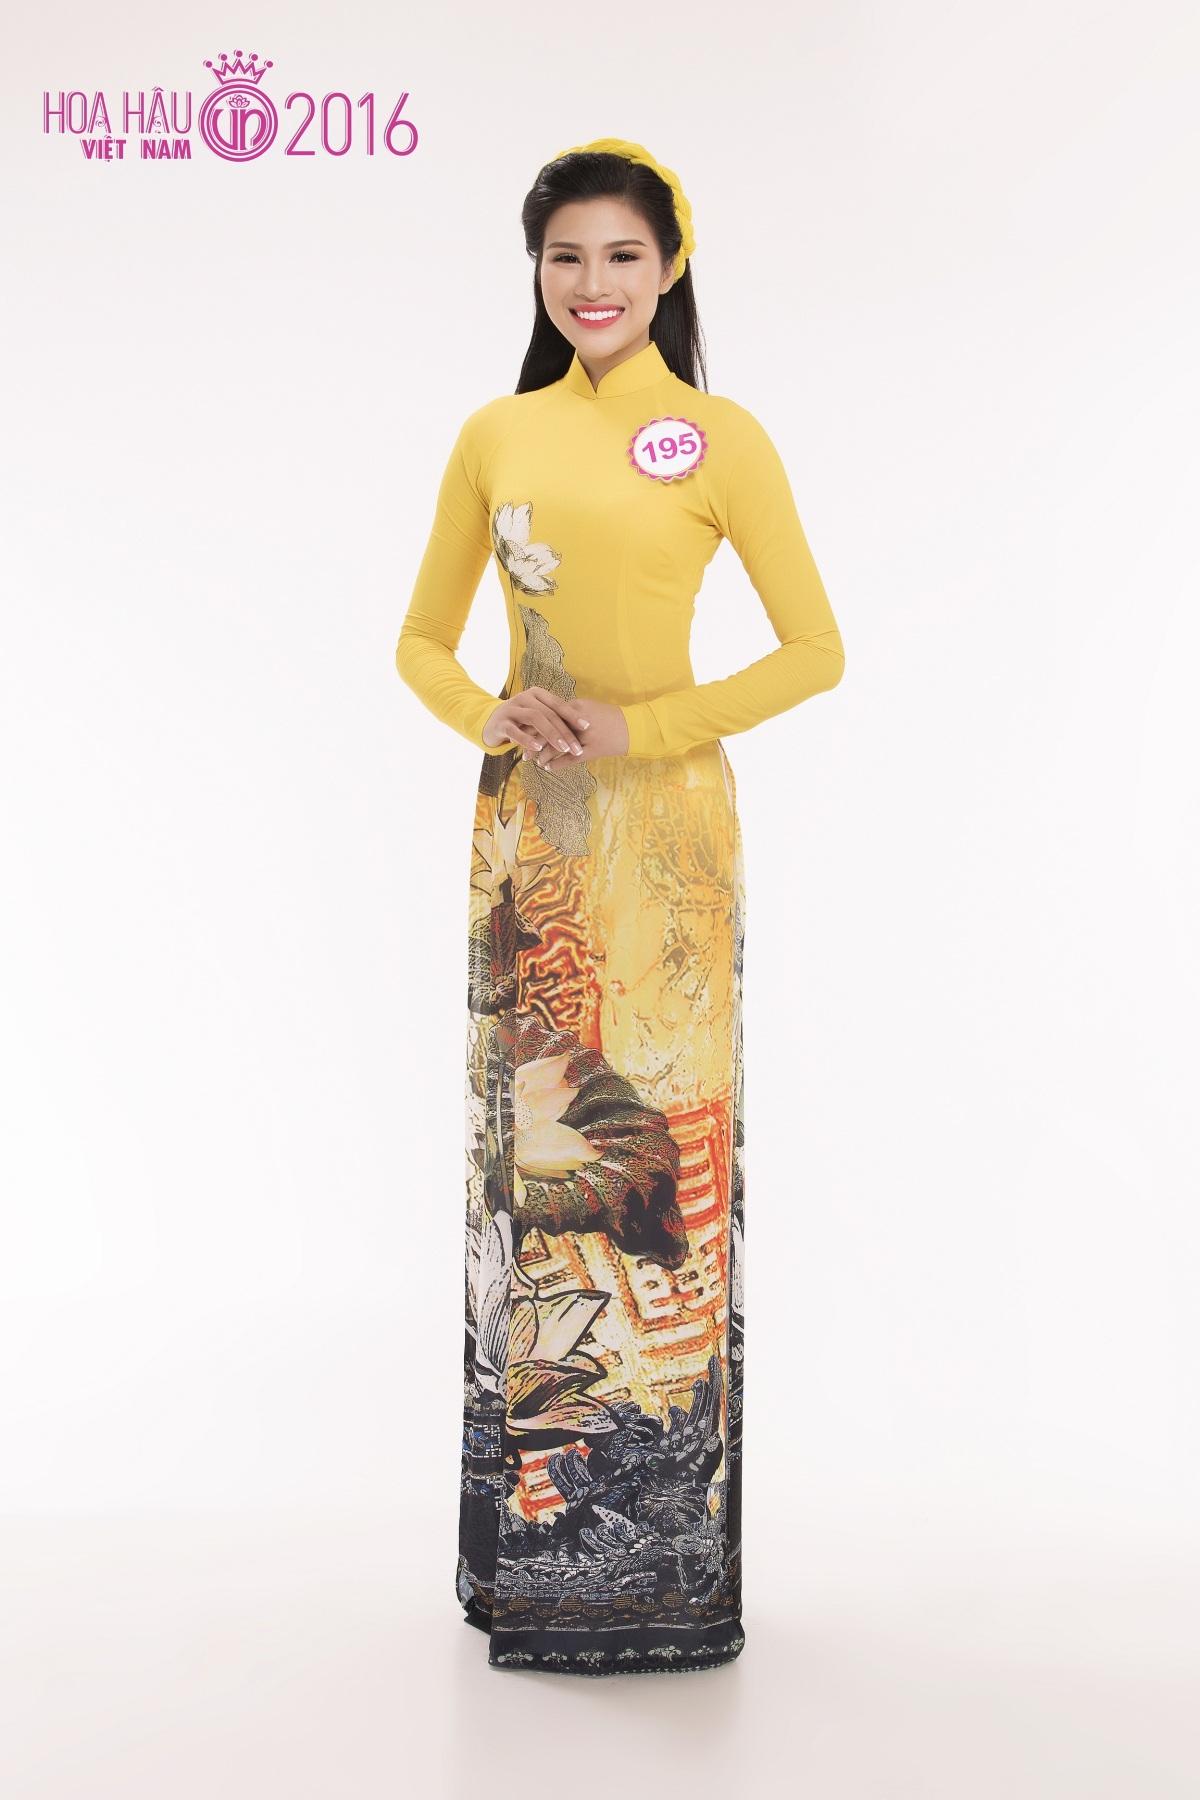 Nguyễn Thị Thành